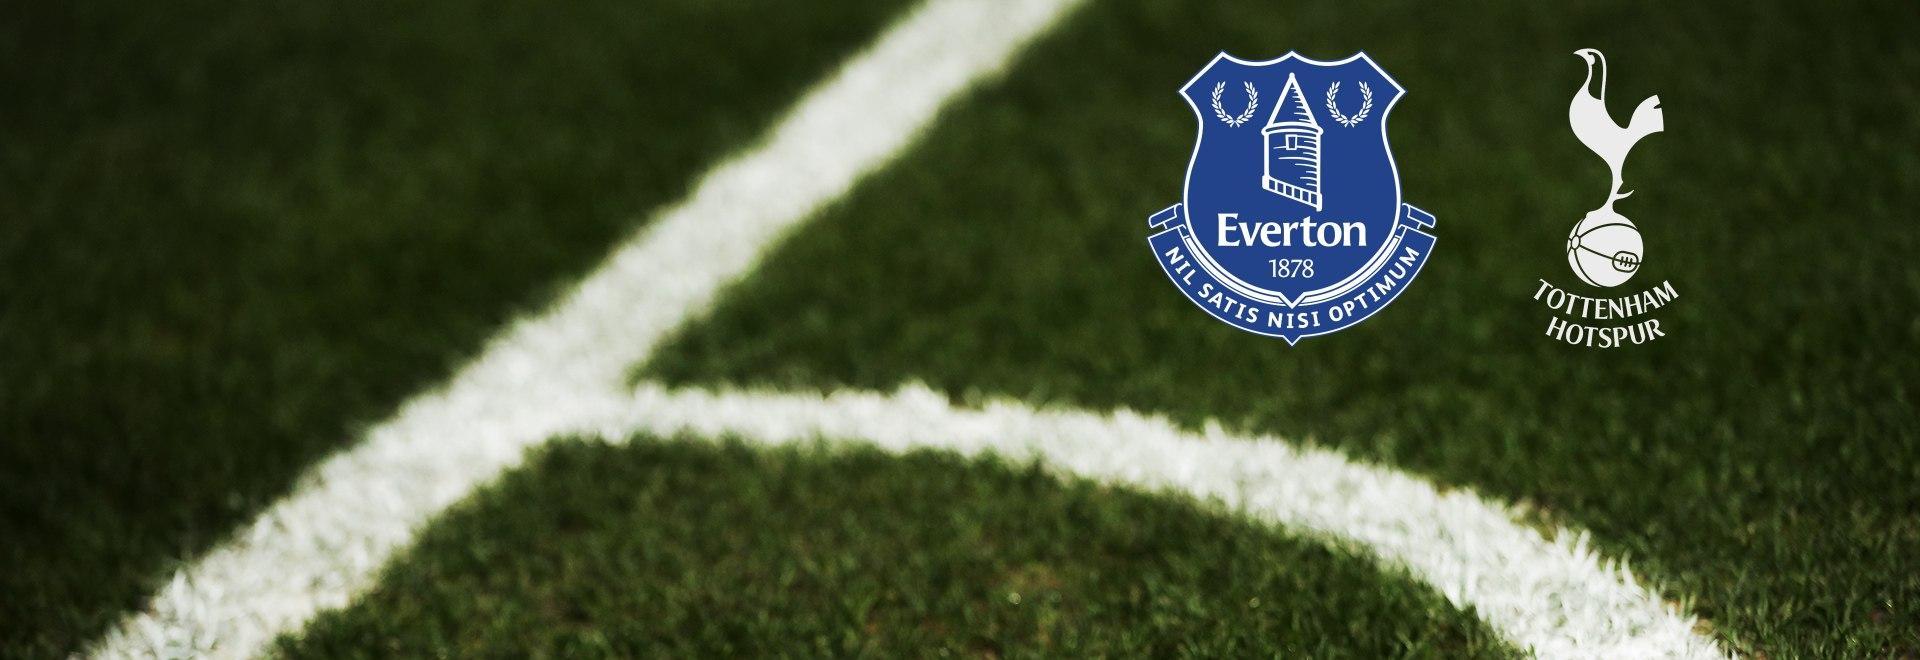 Everton - Tottenham. 5° turno